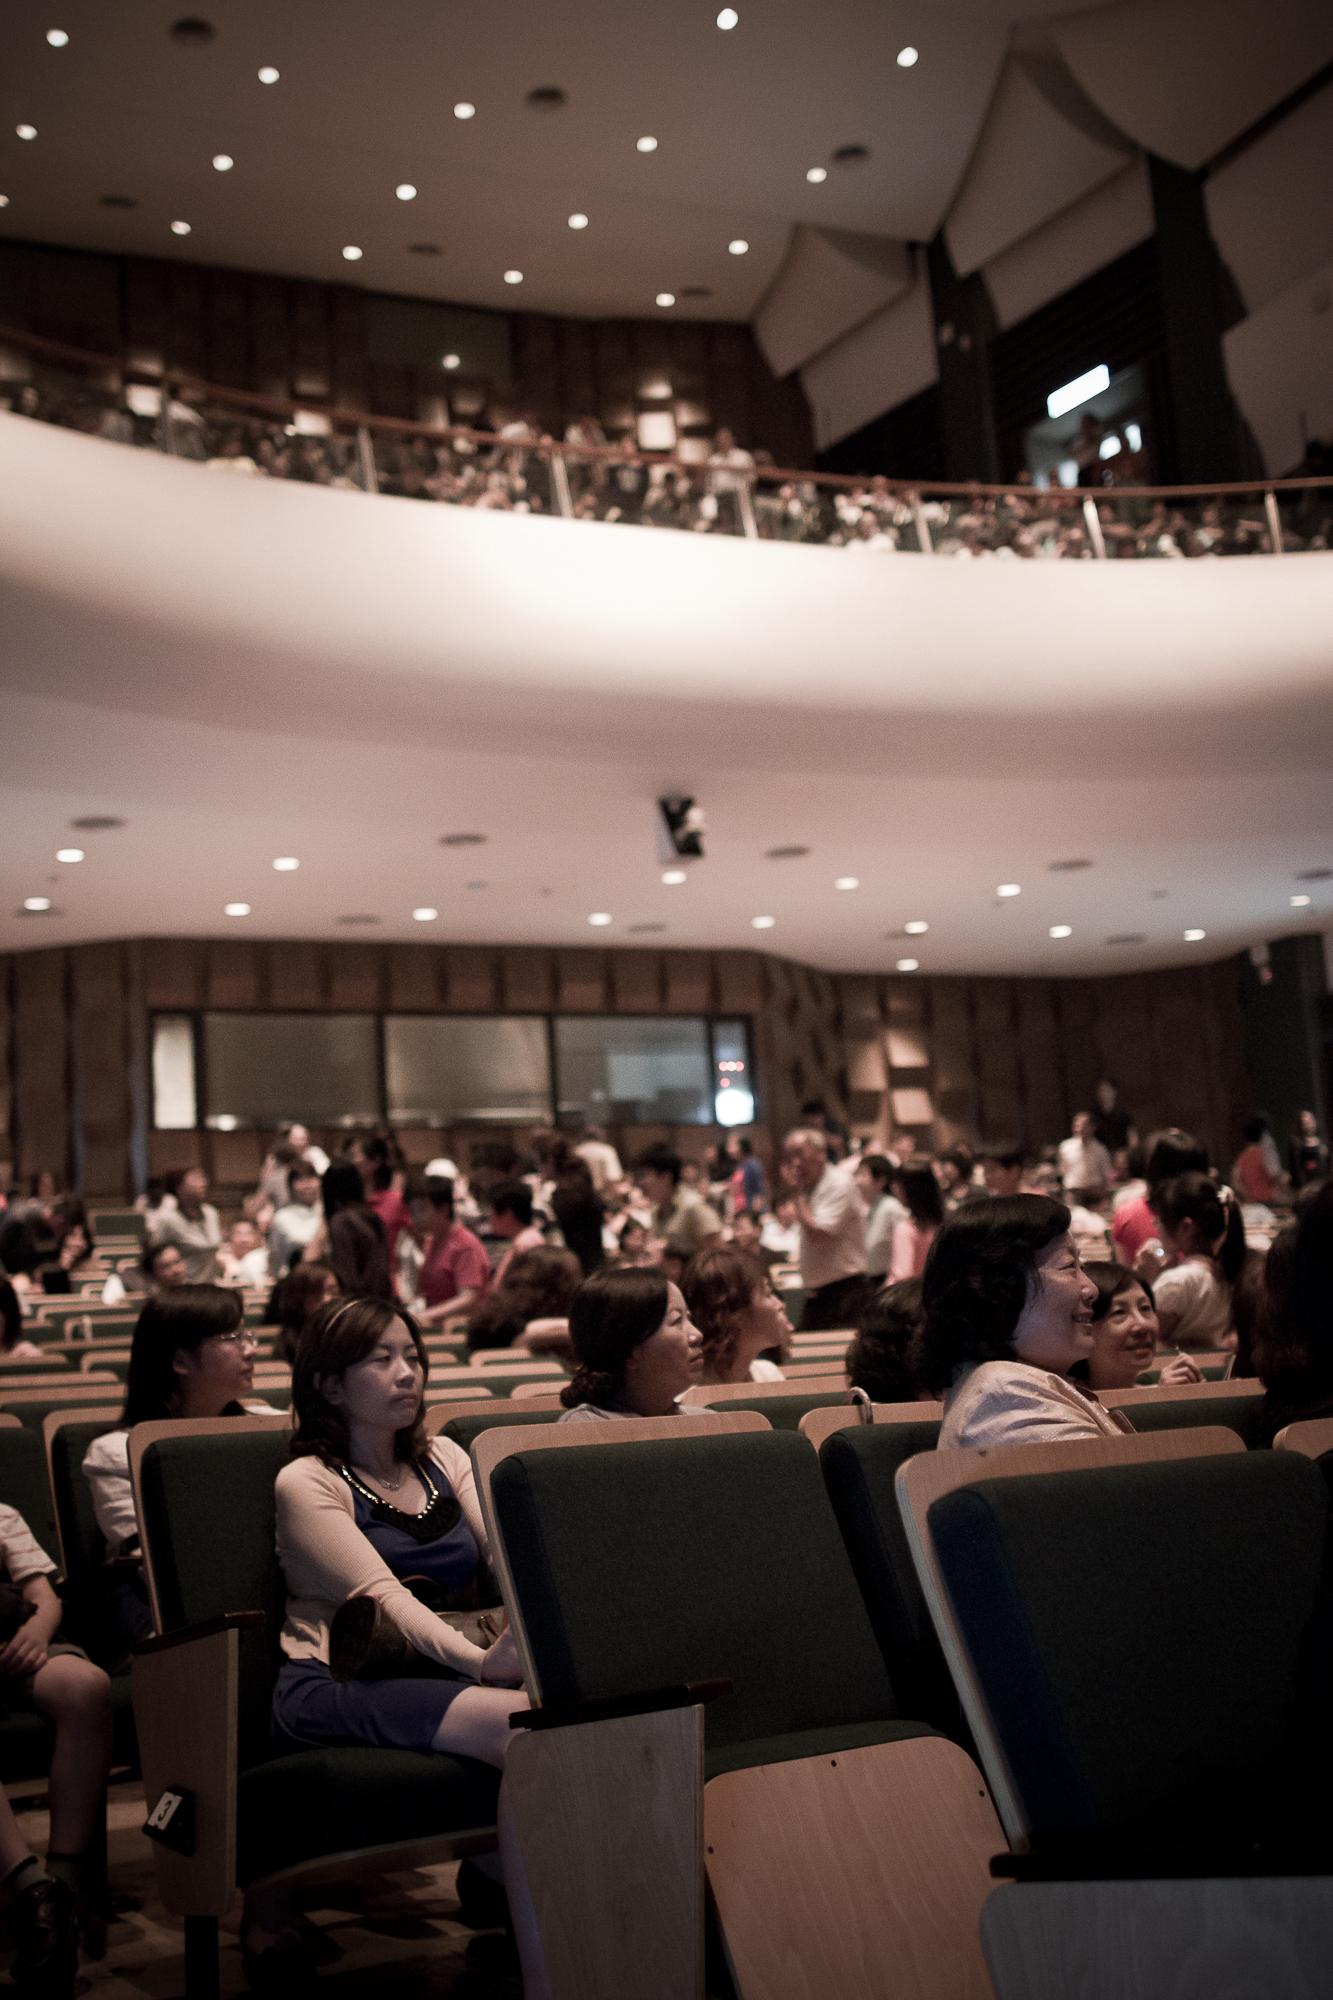 ▲彰化演藝廳近800席座位坐無虛席。